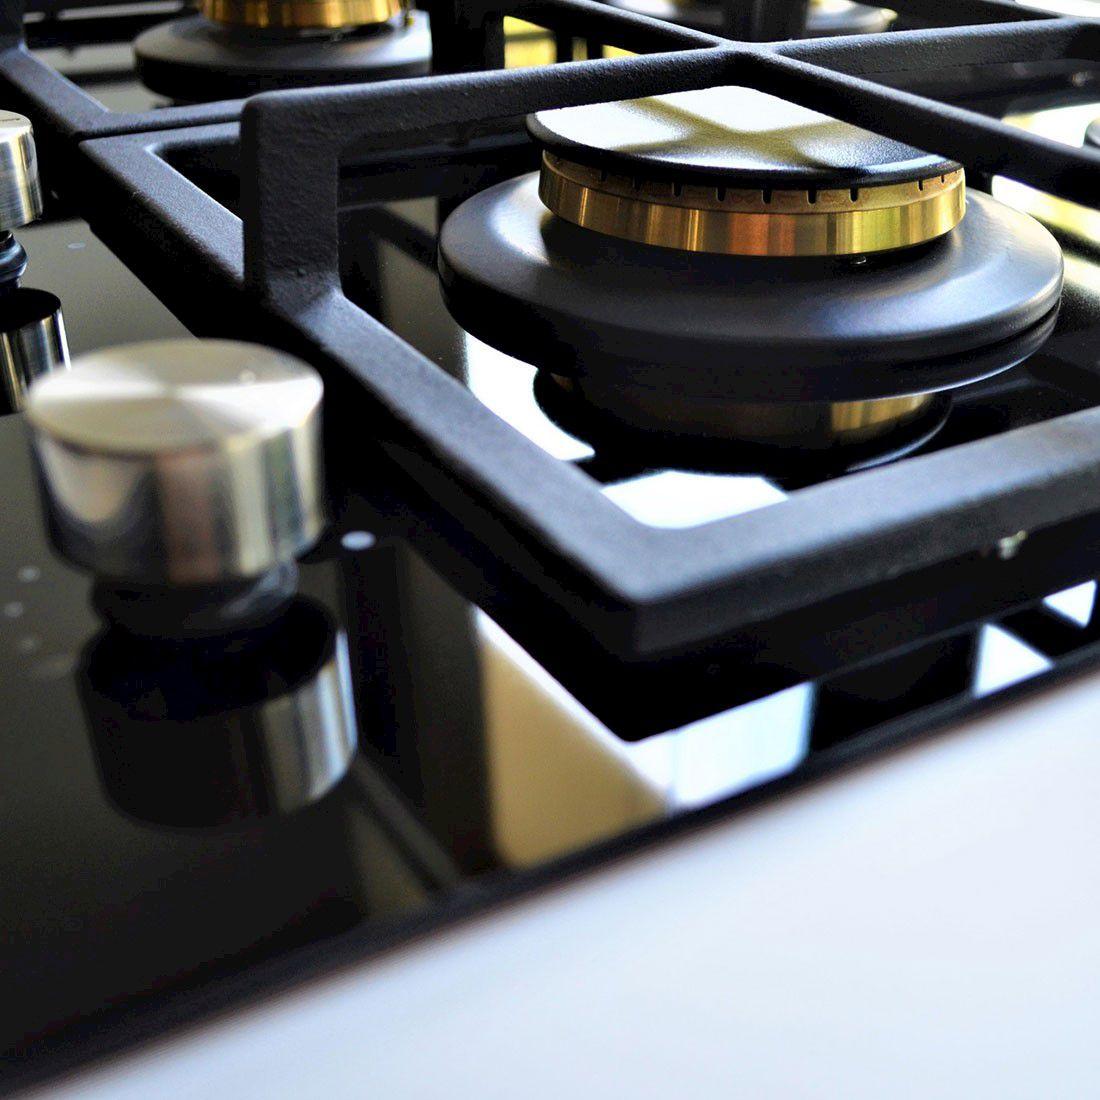 Cooktop Nero Argento Elanto Semiprofissional a Gás 5 Bocas Vitrocerâmico 87cm 220V